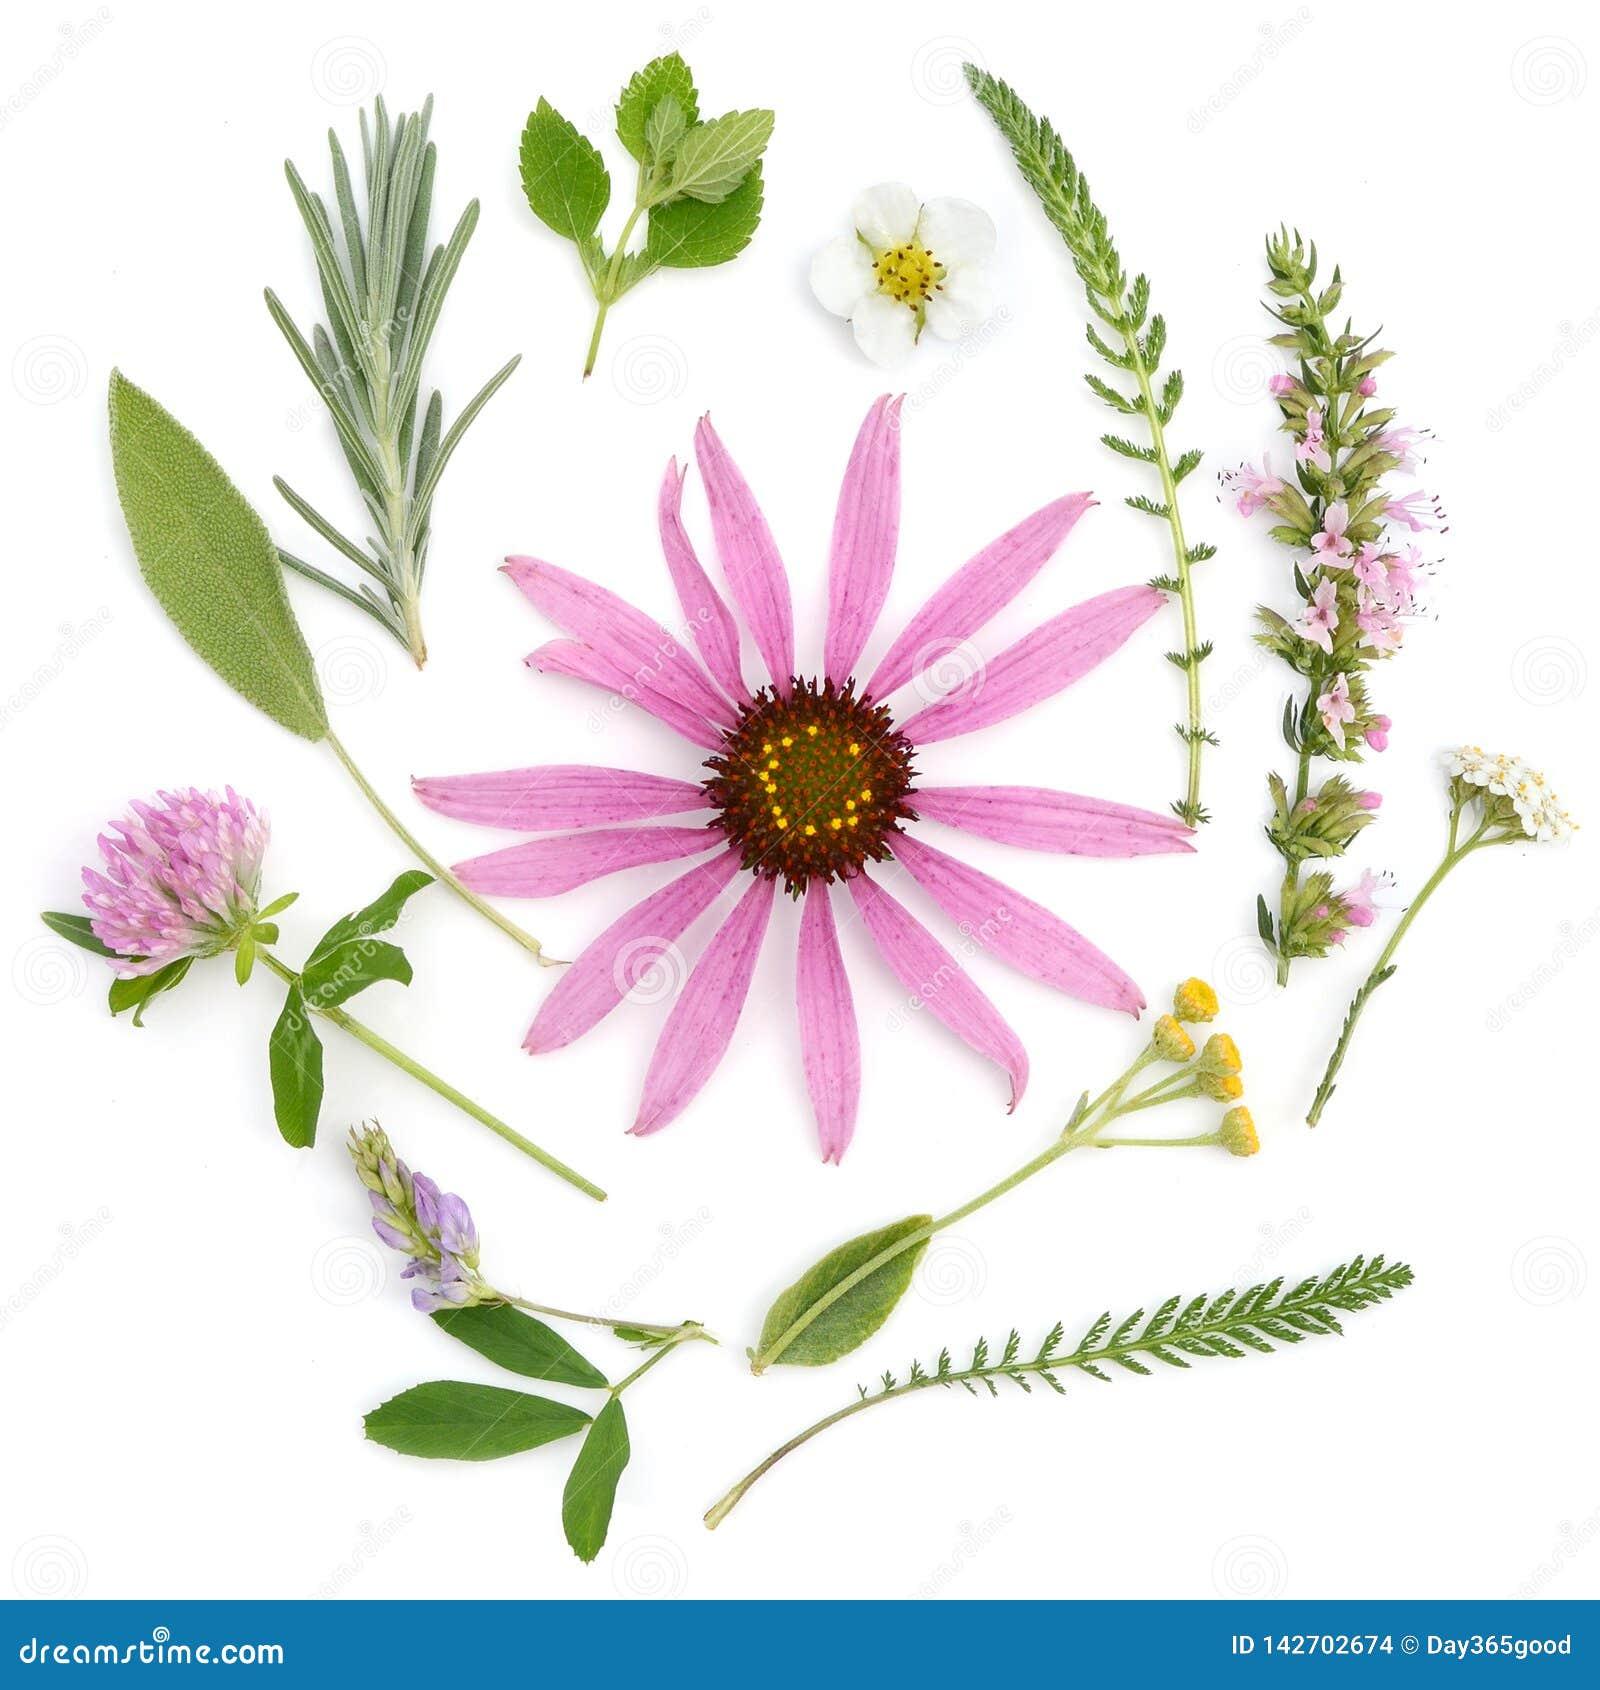 излечивать травы Букет лекарственных растений и цветков эхинацеи, клевера, тысячелистника обыкновенного, hyssop, шалфея, альфальф